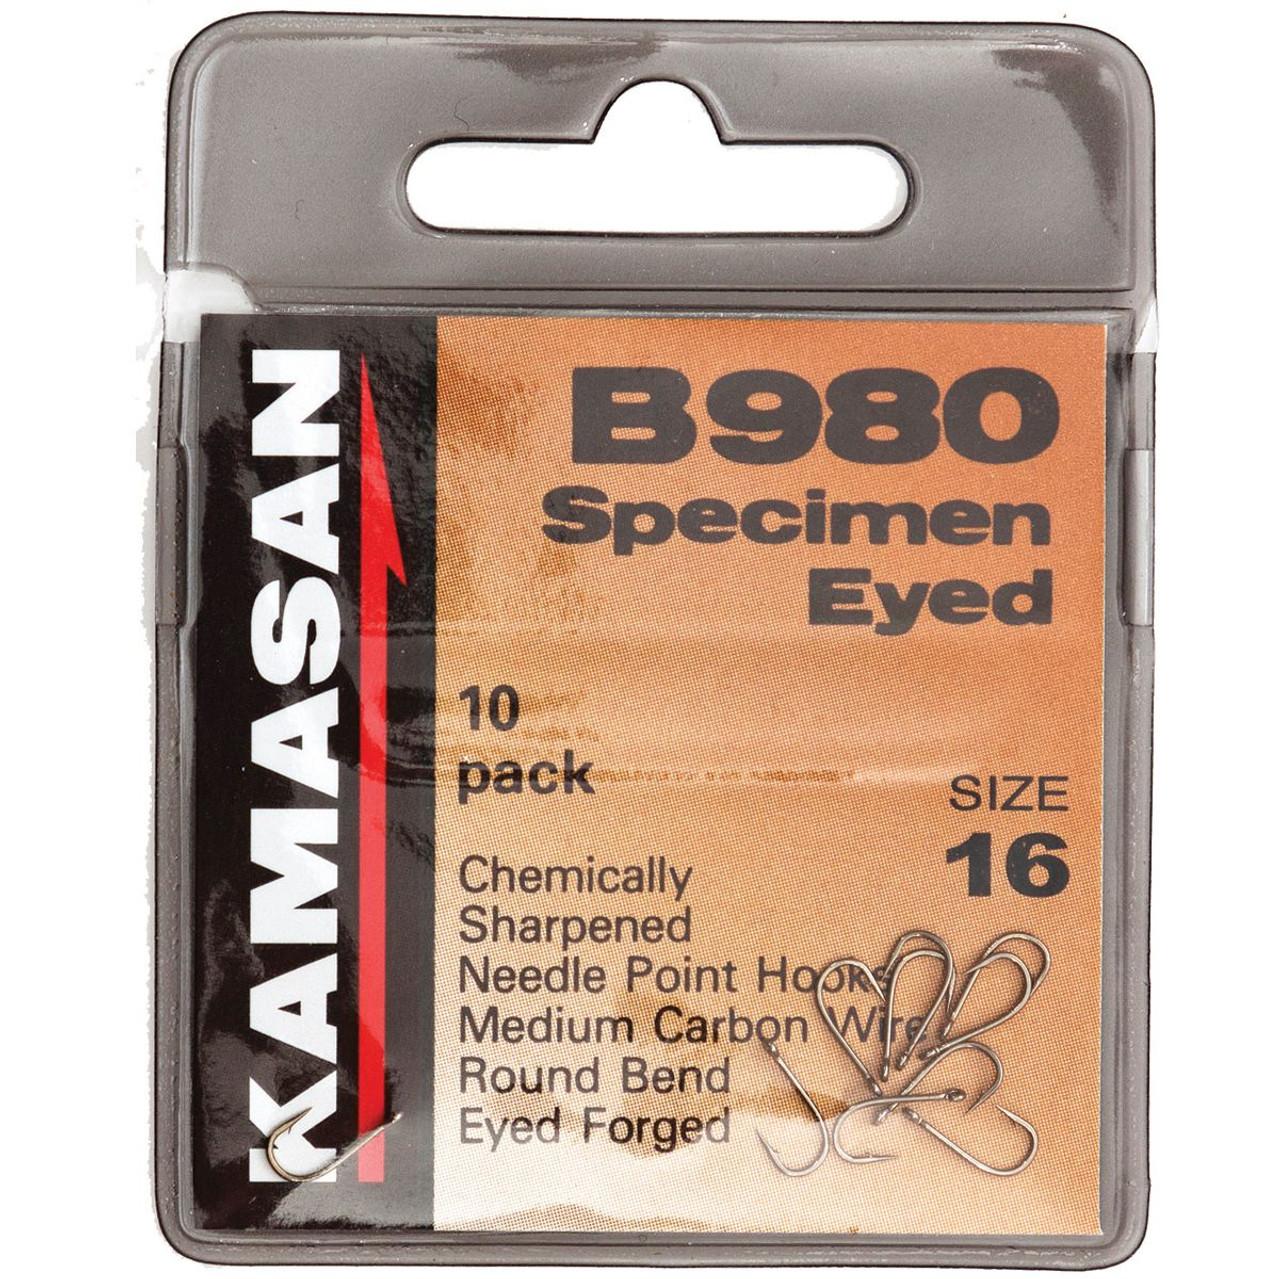 KAMASAN B980 SPECIMEN BARBED EYED HOOKS FREE P/&P